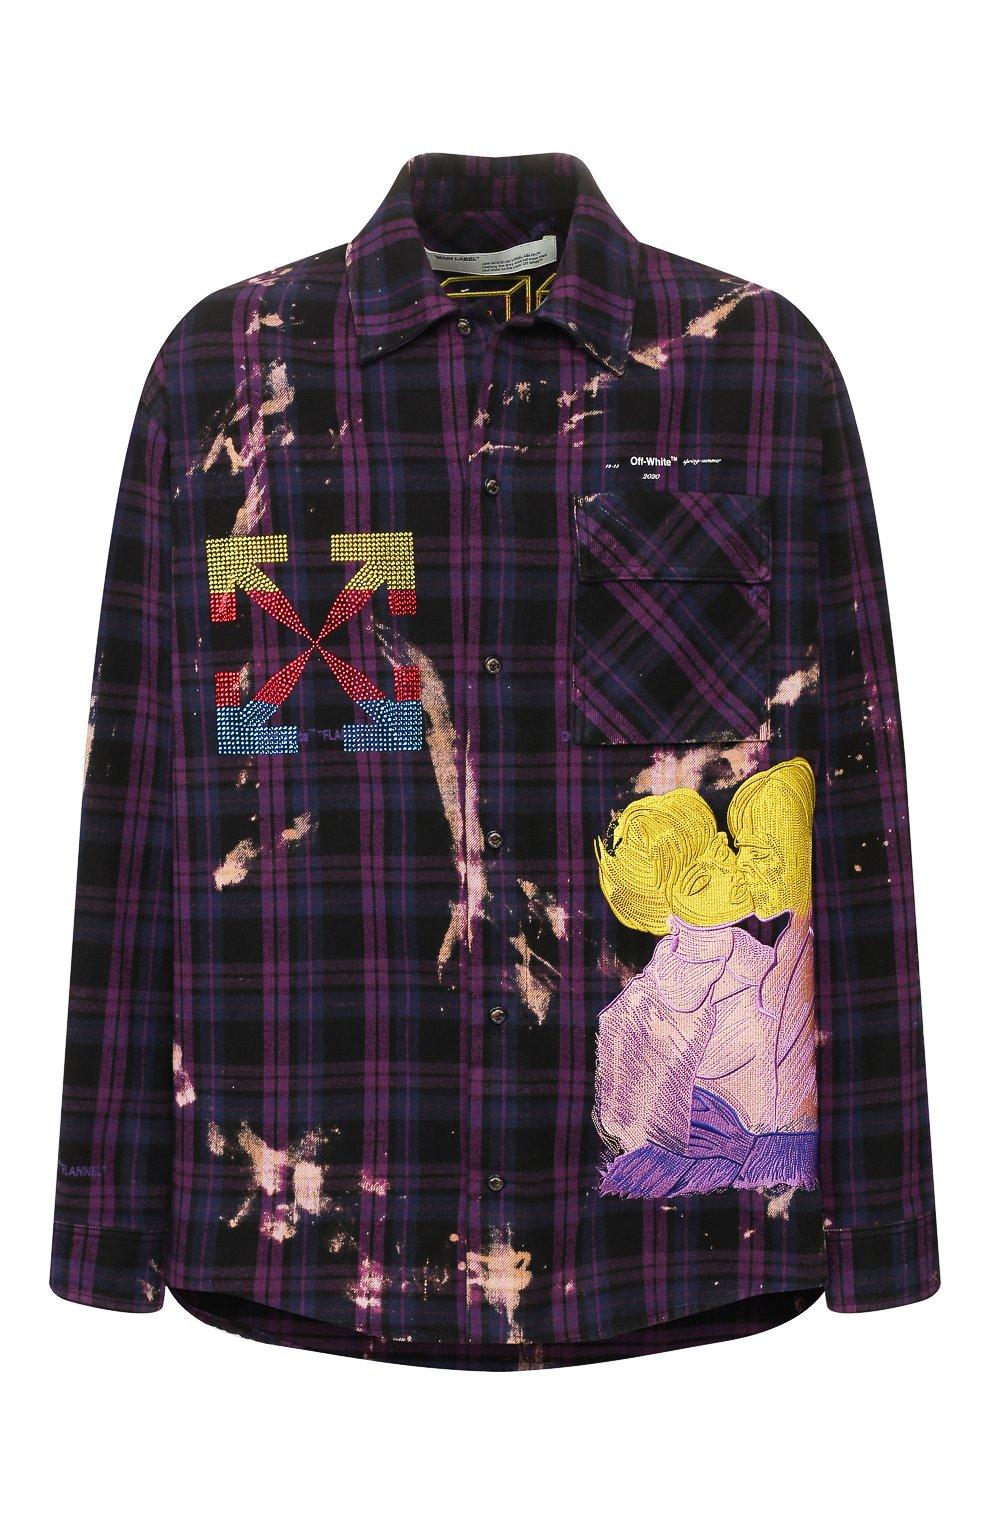 Мужская фиолетовая хлопковая рубашка OFF-WHITE — купить за 99500 руб. в интернет-магазине ЦУМ, арт. 0MGA098S20G710492988